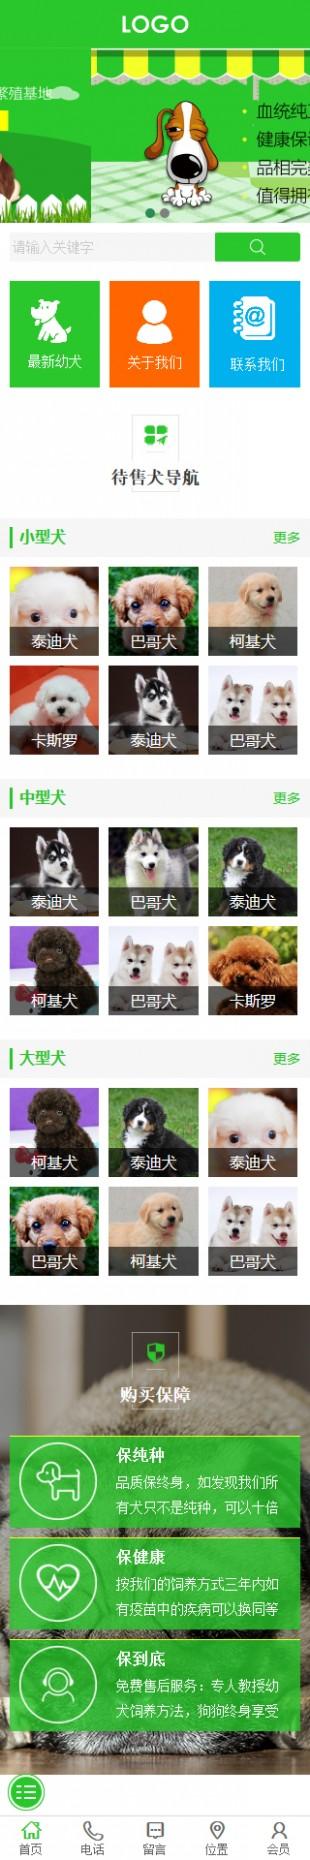 宠物交易网站建设模板手机图片